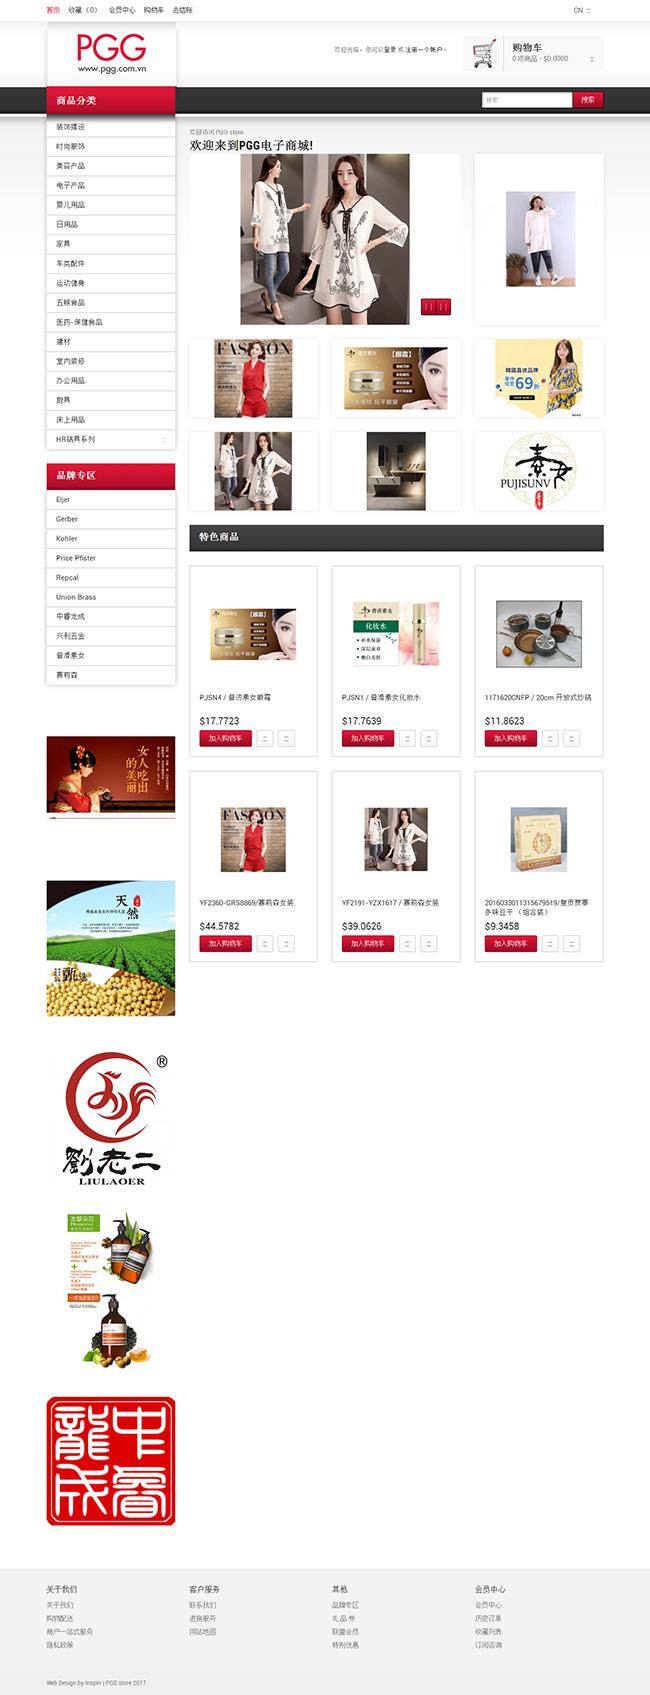 優秀網站設計欣賞——PGG網上商店